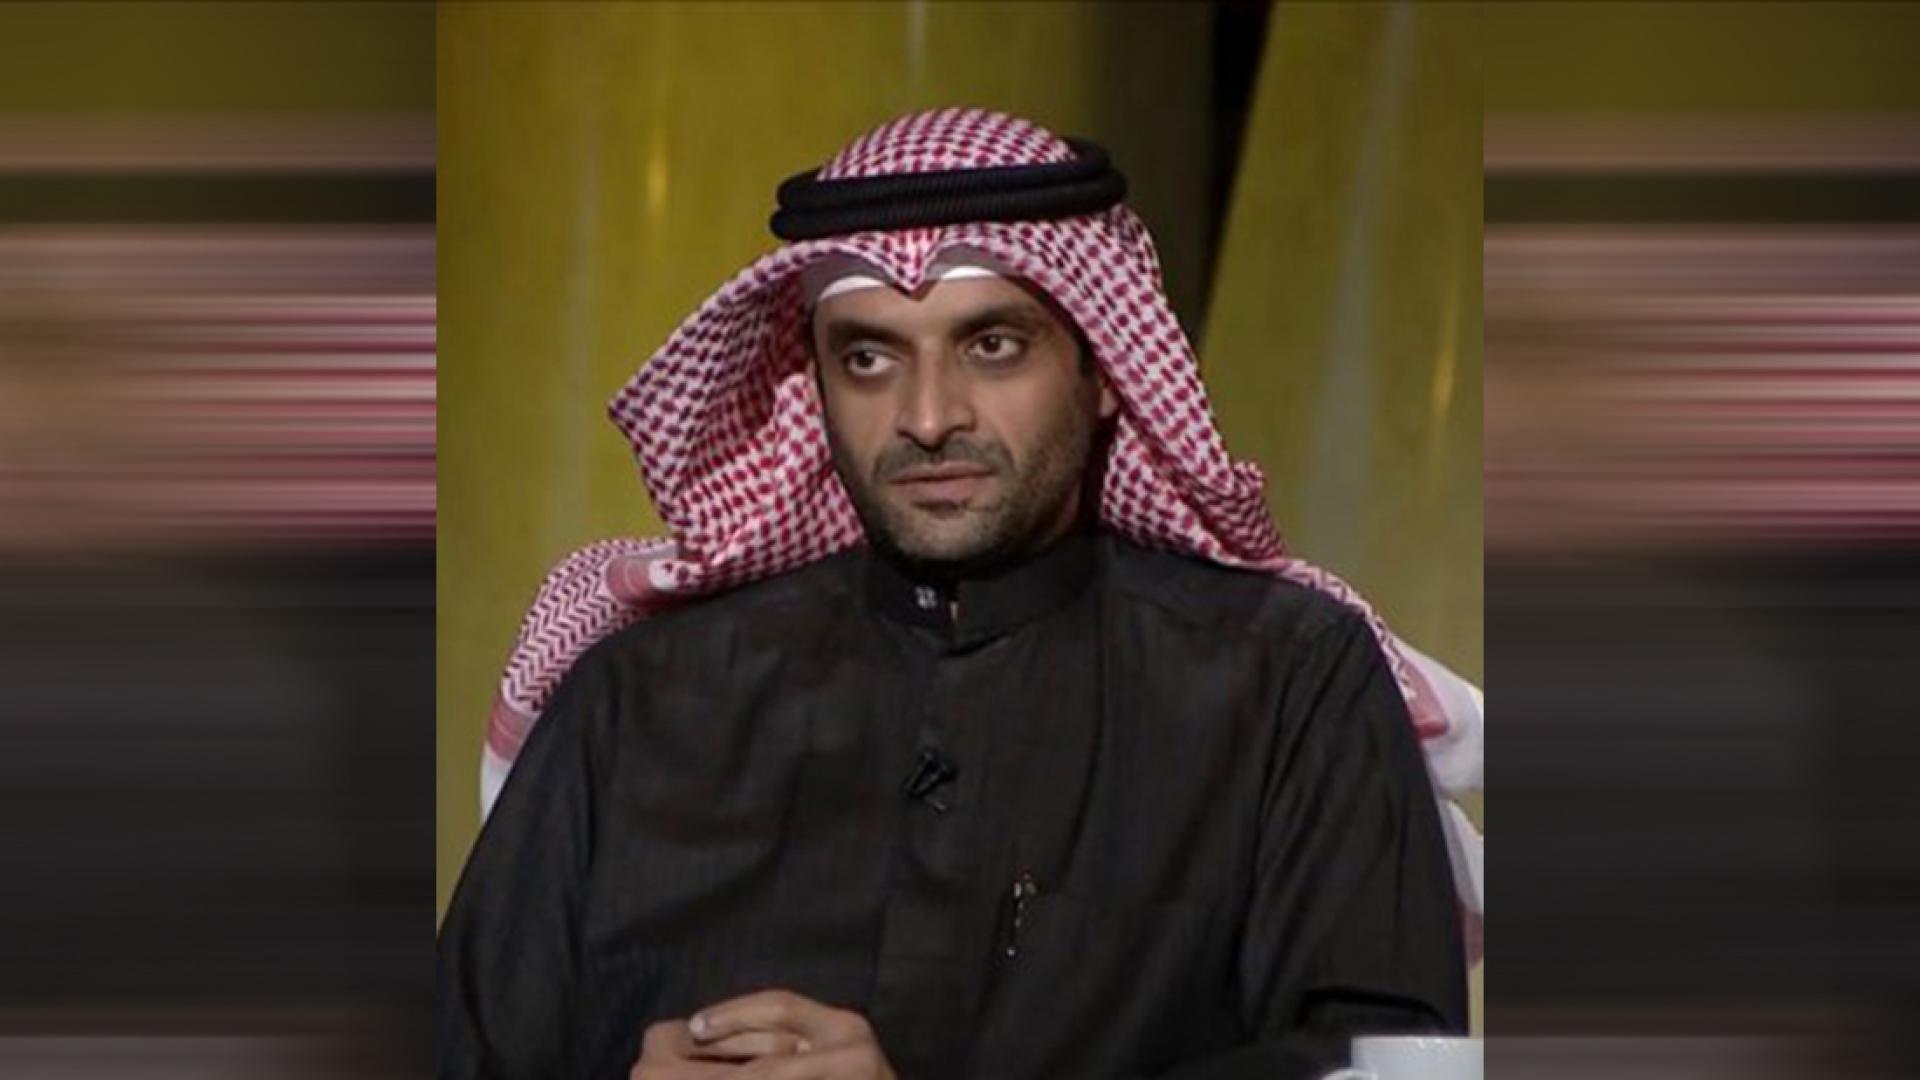 محلل كويتي: الديمقراطية لا تناسب الخليج.. وهذا هو الحل